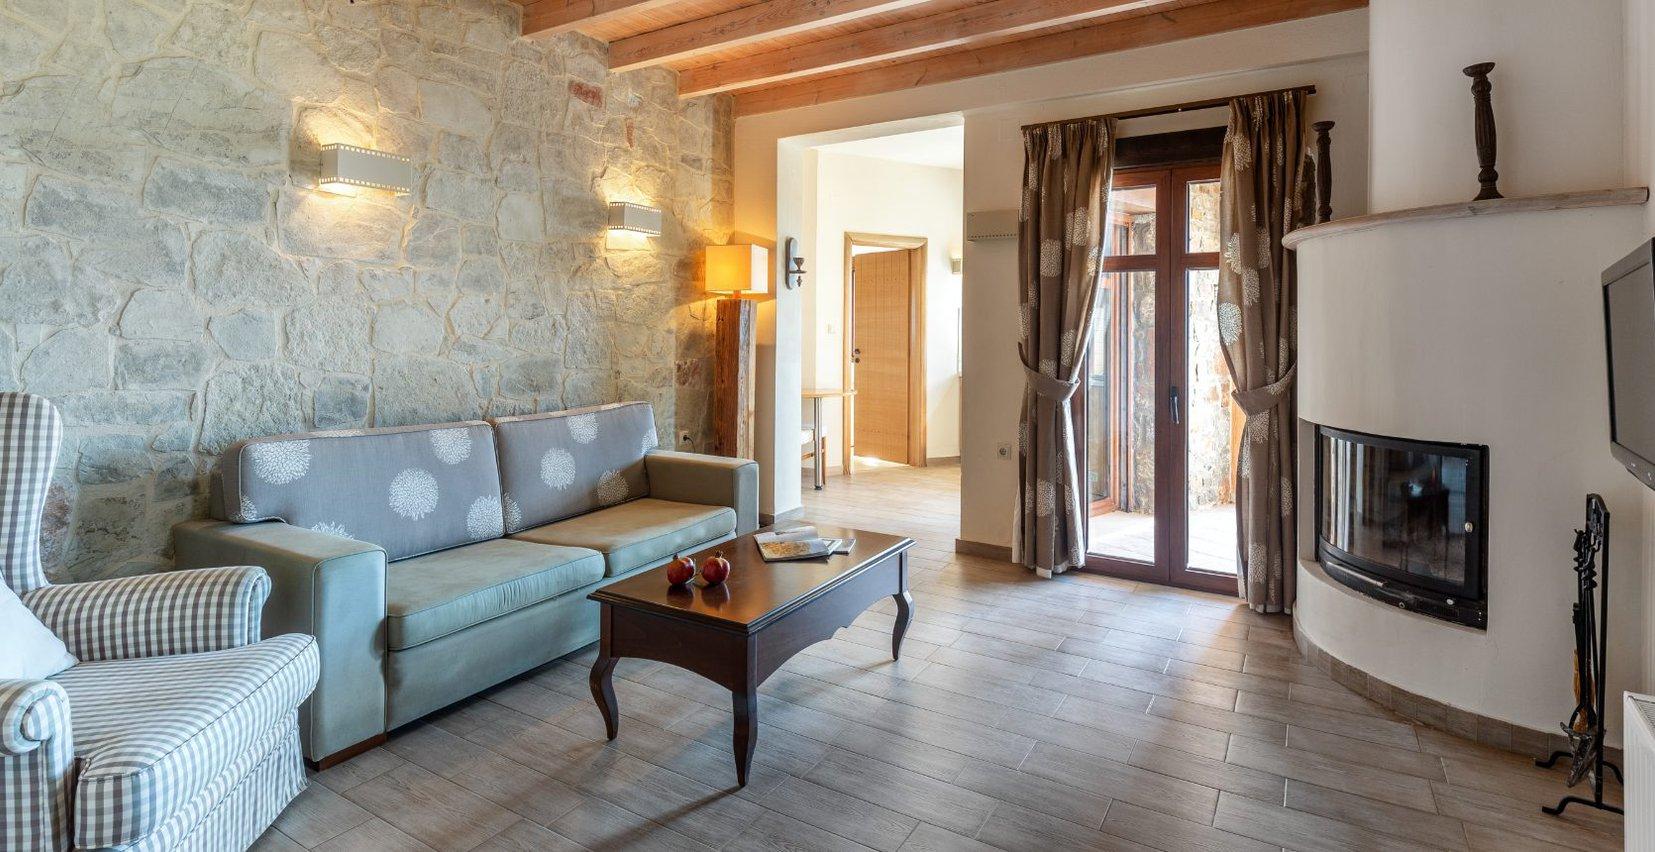 Το εσωτερικό της Μεζονέτας Έρωτας Δίκταμος του Mala Villa με τους πέτρινους τοίχους, τα μοντέρνα φώτα, τις μπαλκονόπορτες, τον καναπέ, το τραπεζάκι του καφέ, και το τζάκι